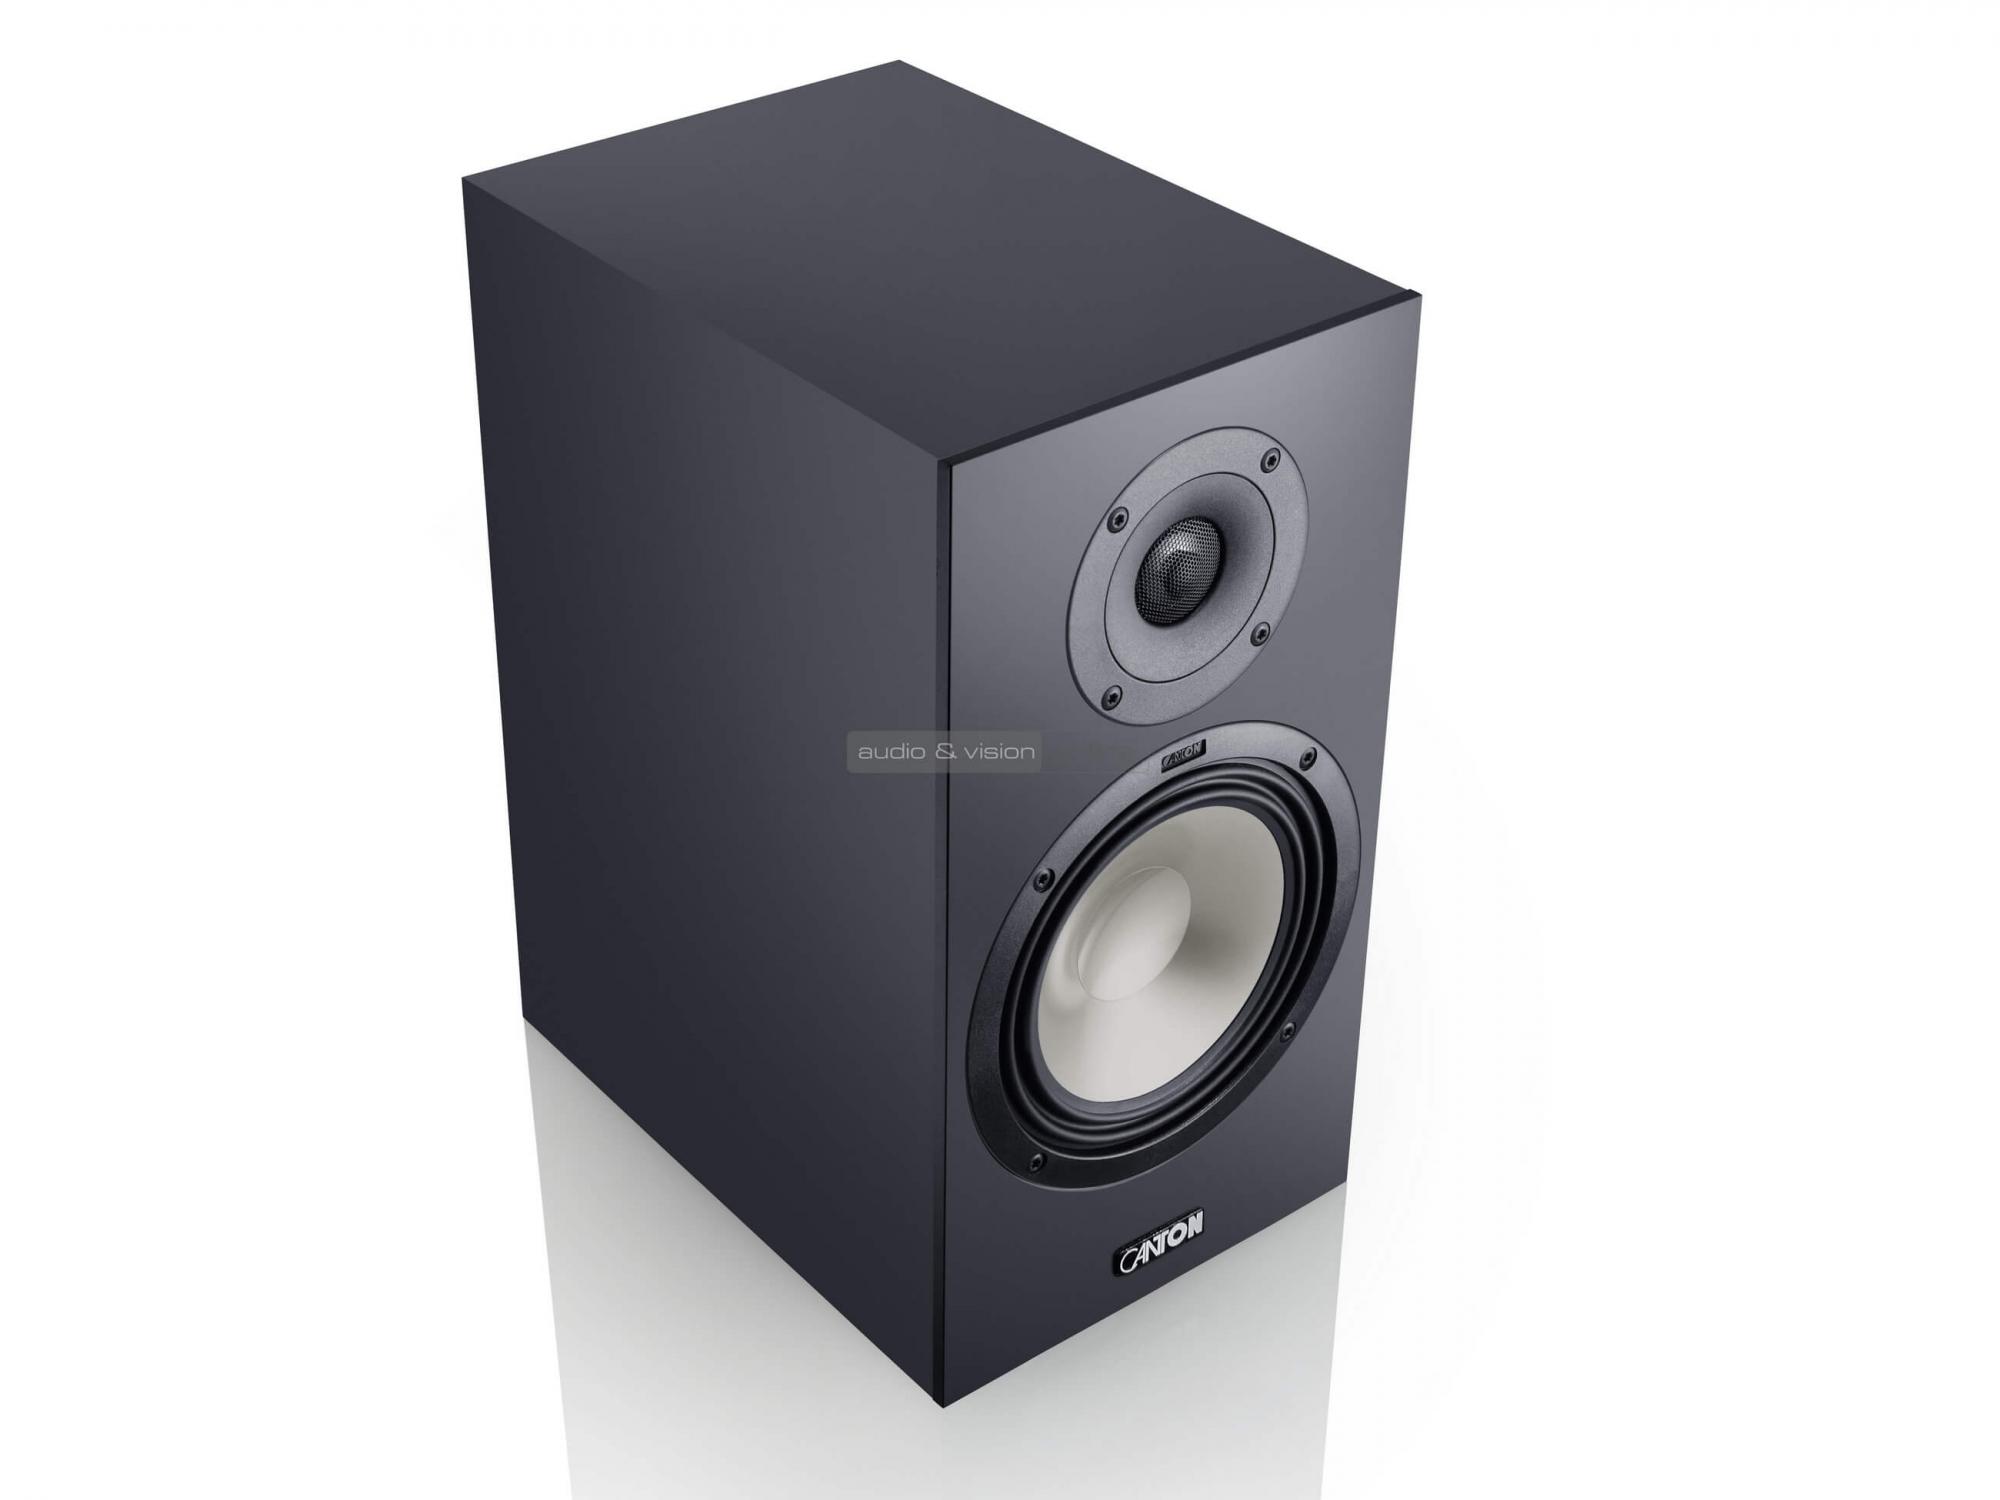 Canton GLE 30 állványos hangfal teszt